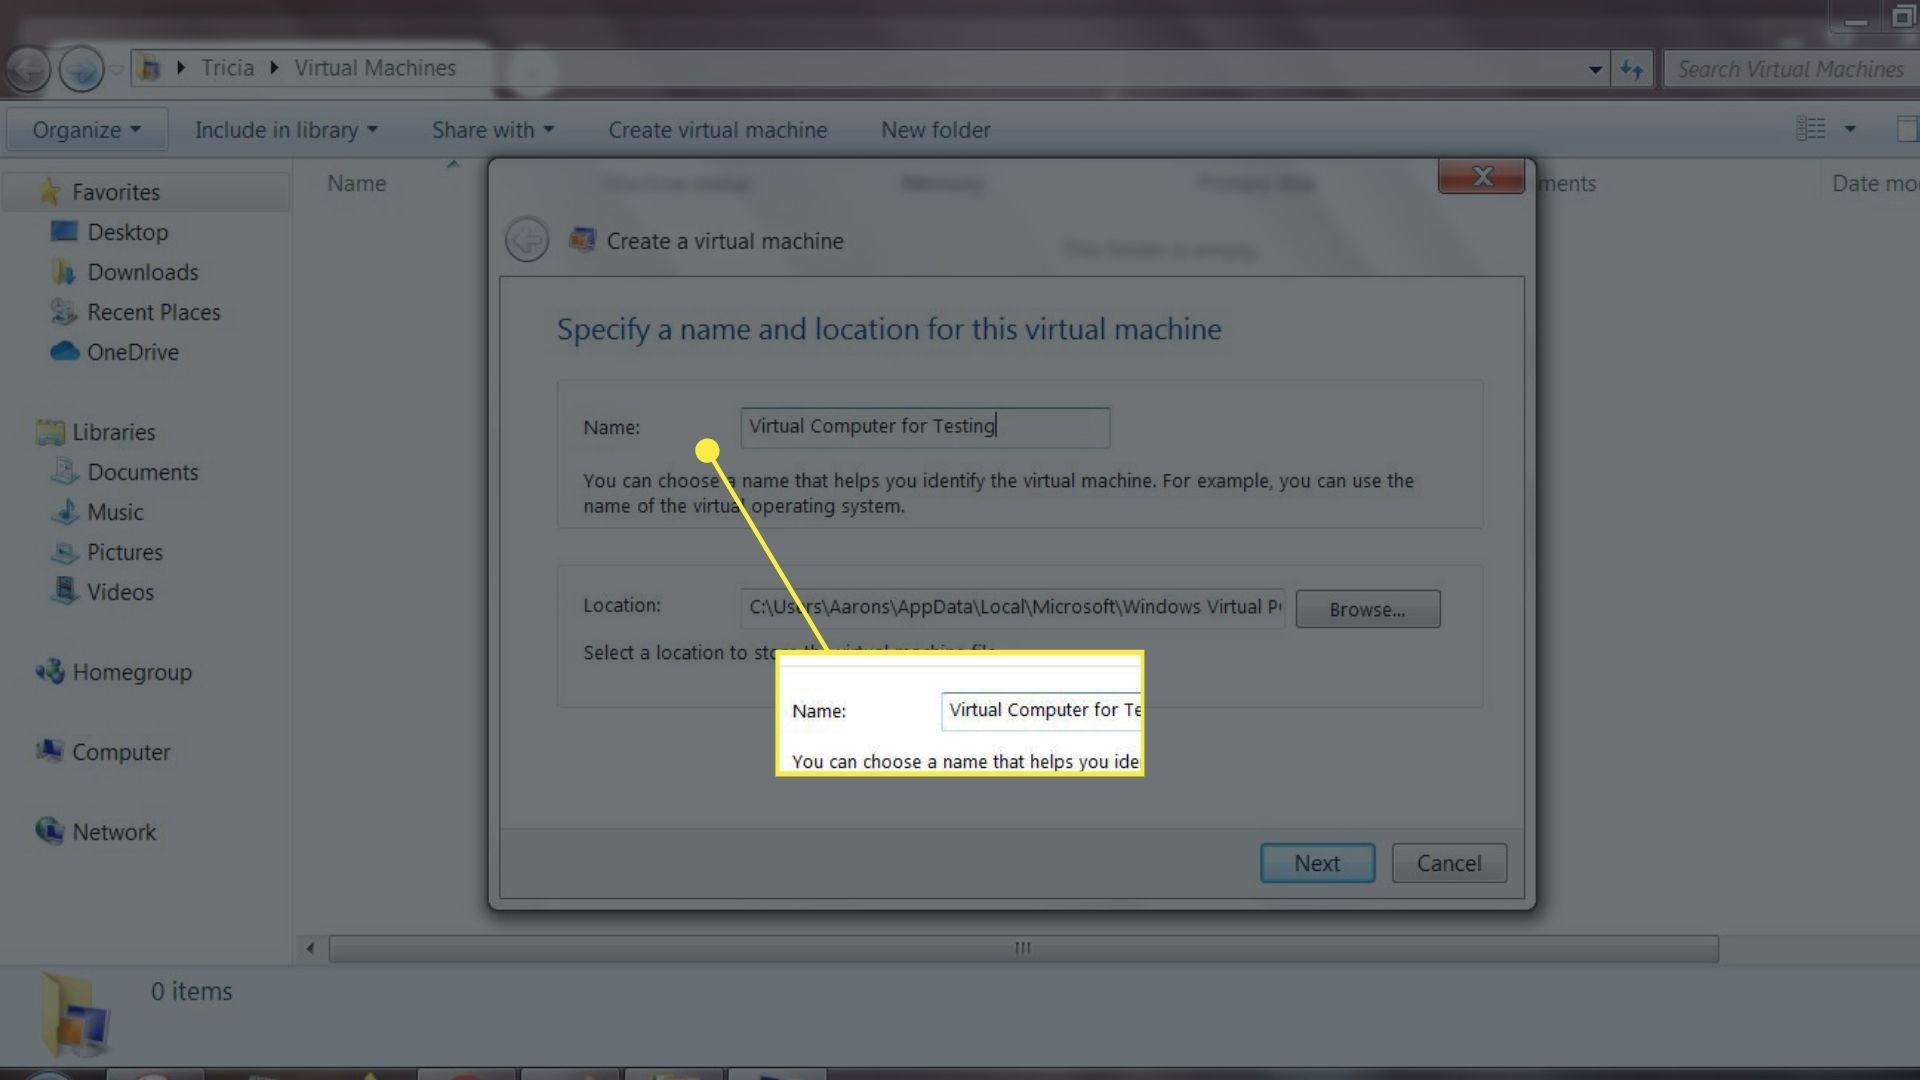 Name field in Create Virtual Machine